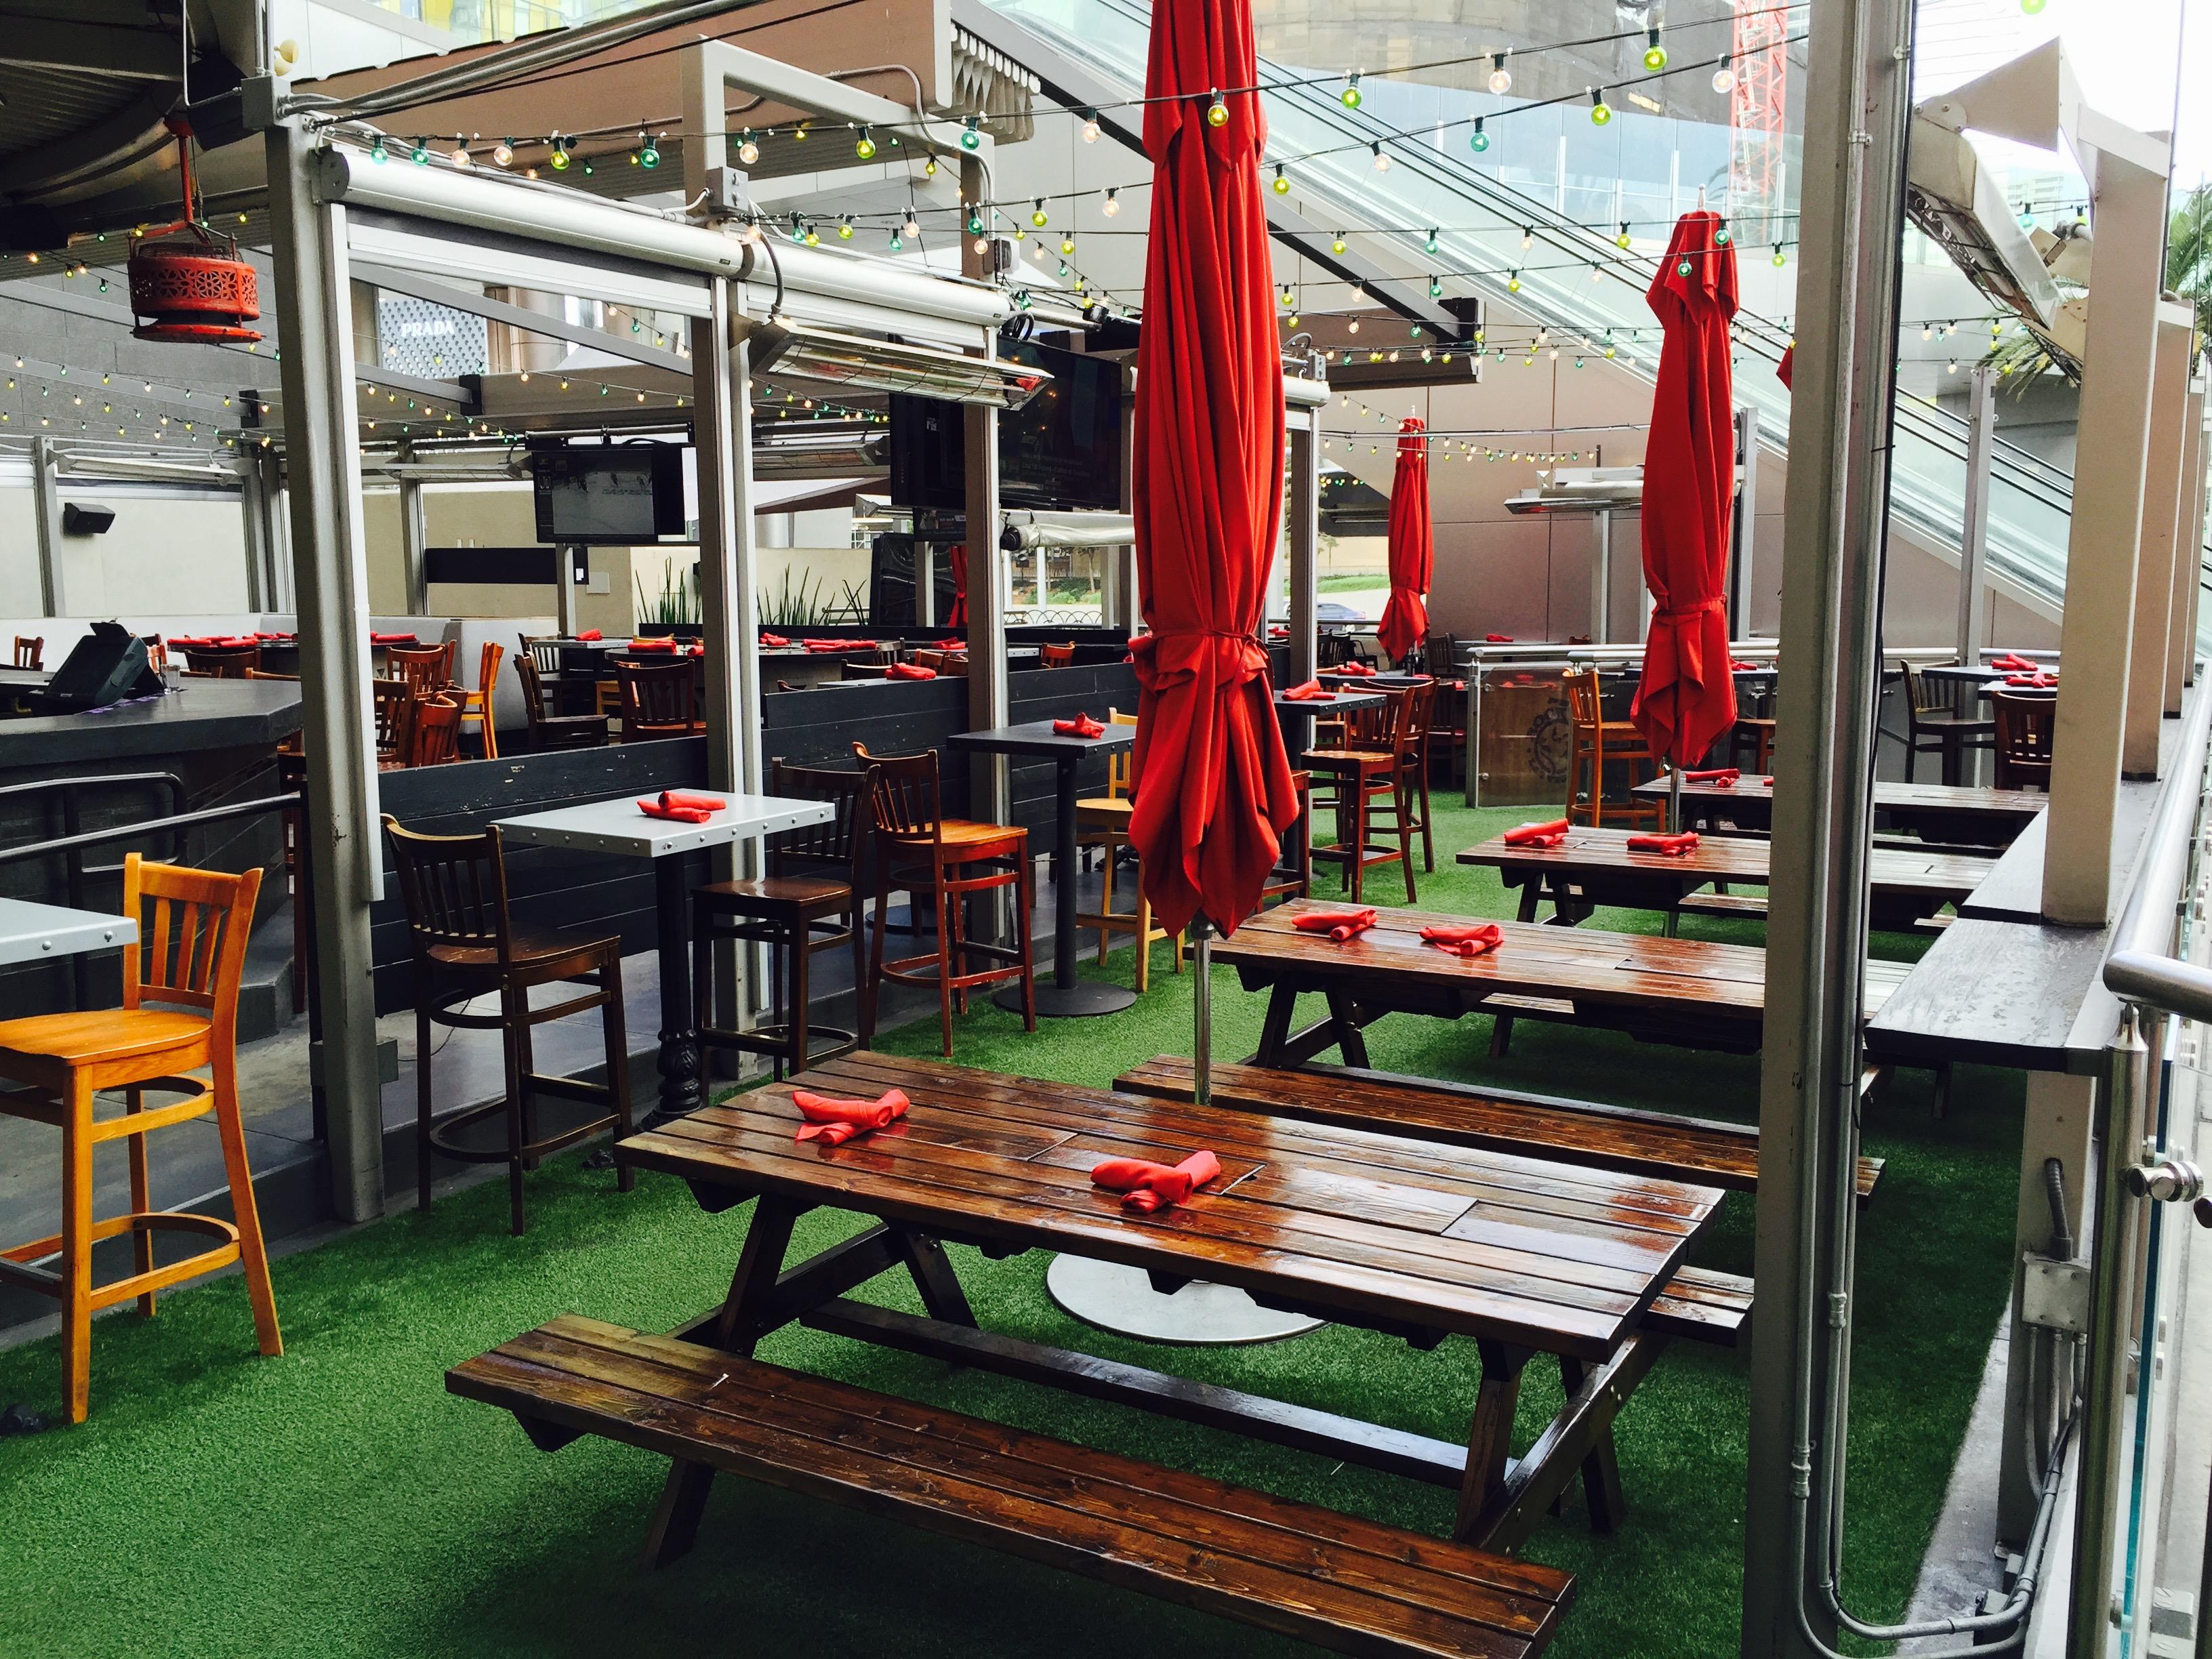 PBR Rock Bar & Grill patio